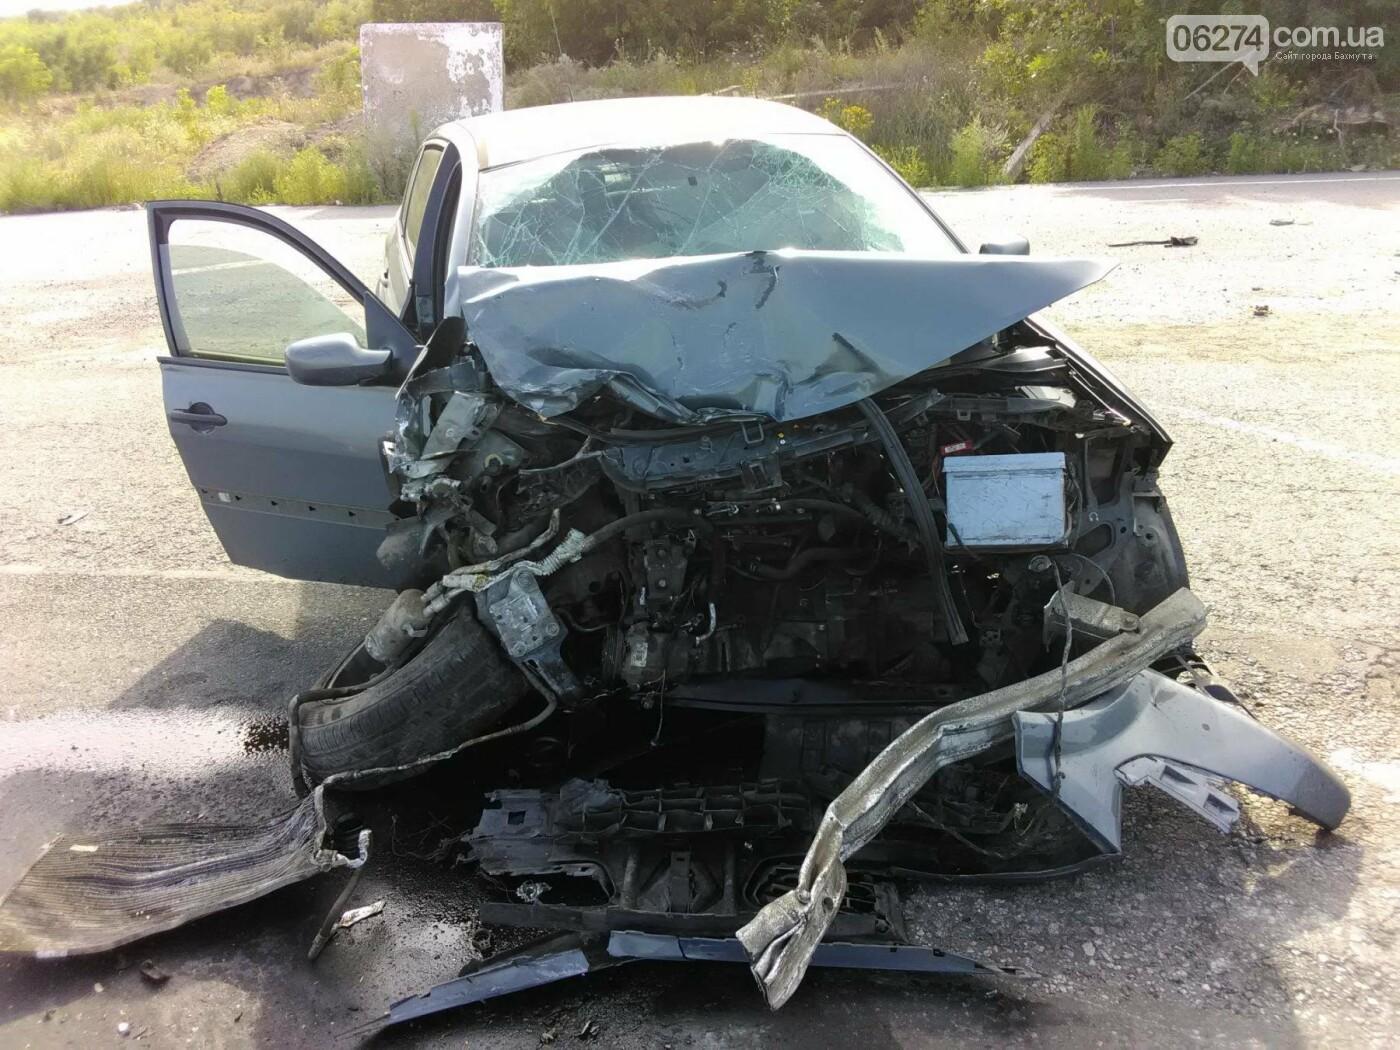 В Бахмутском районе в результате аварии три человека погибли, семь человек получили тяжелые травмы, фото-4